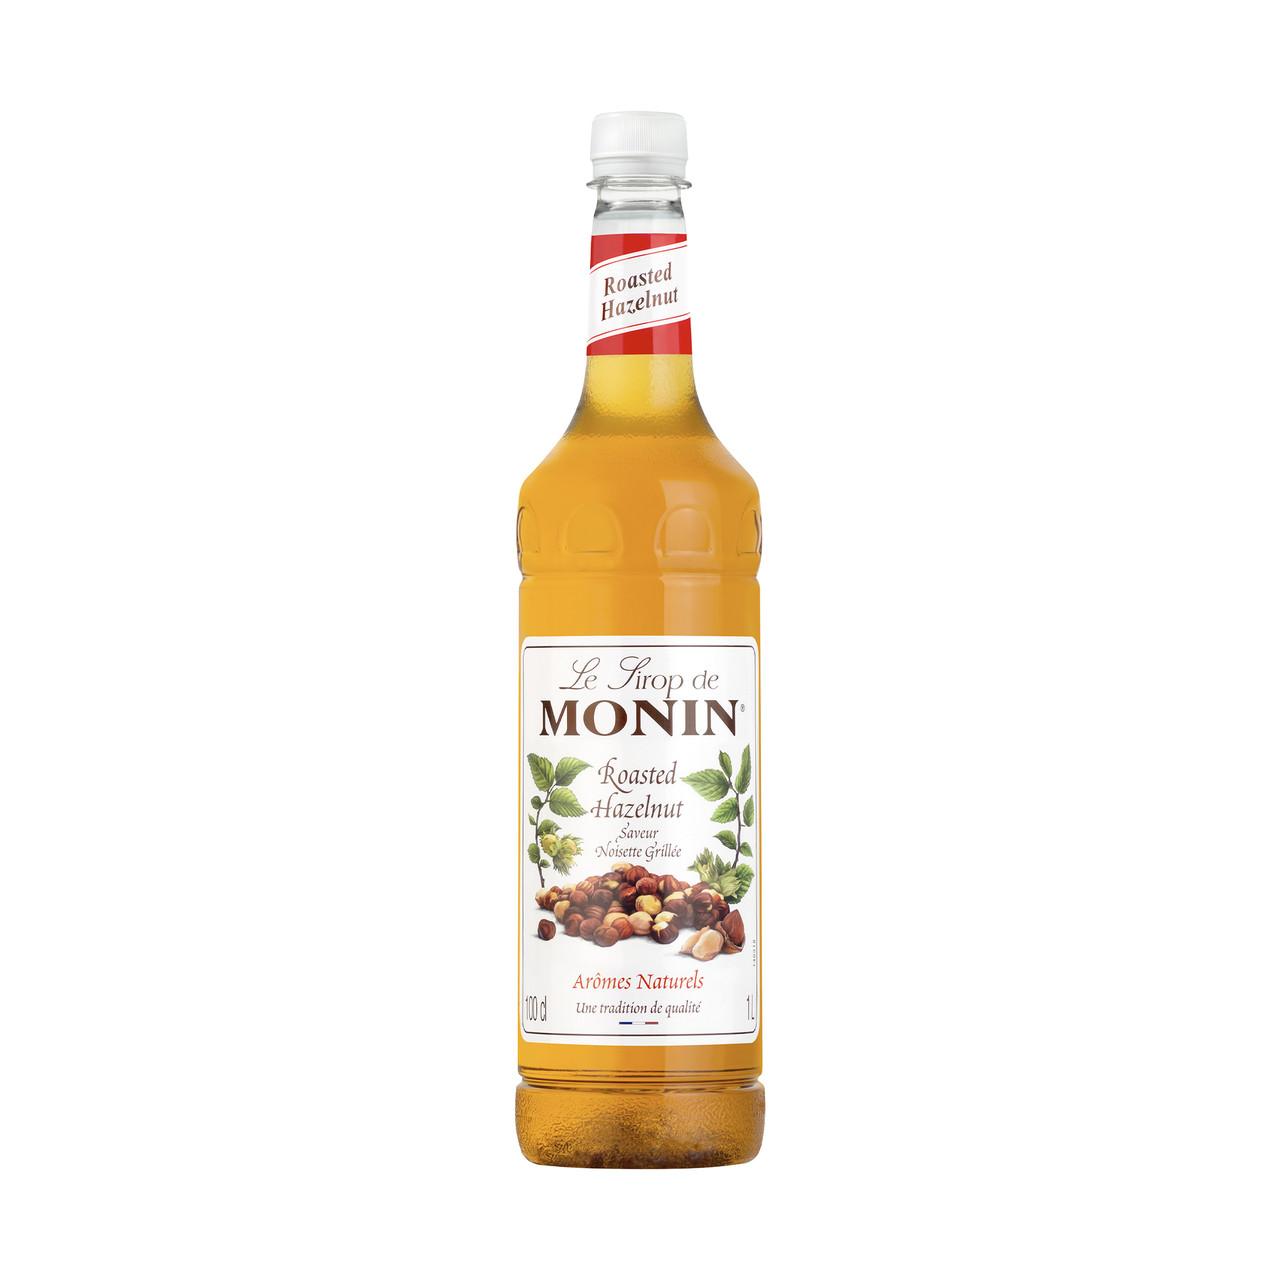 Сироп Monin со вкусом Жареный орех 1 л